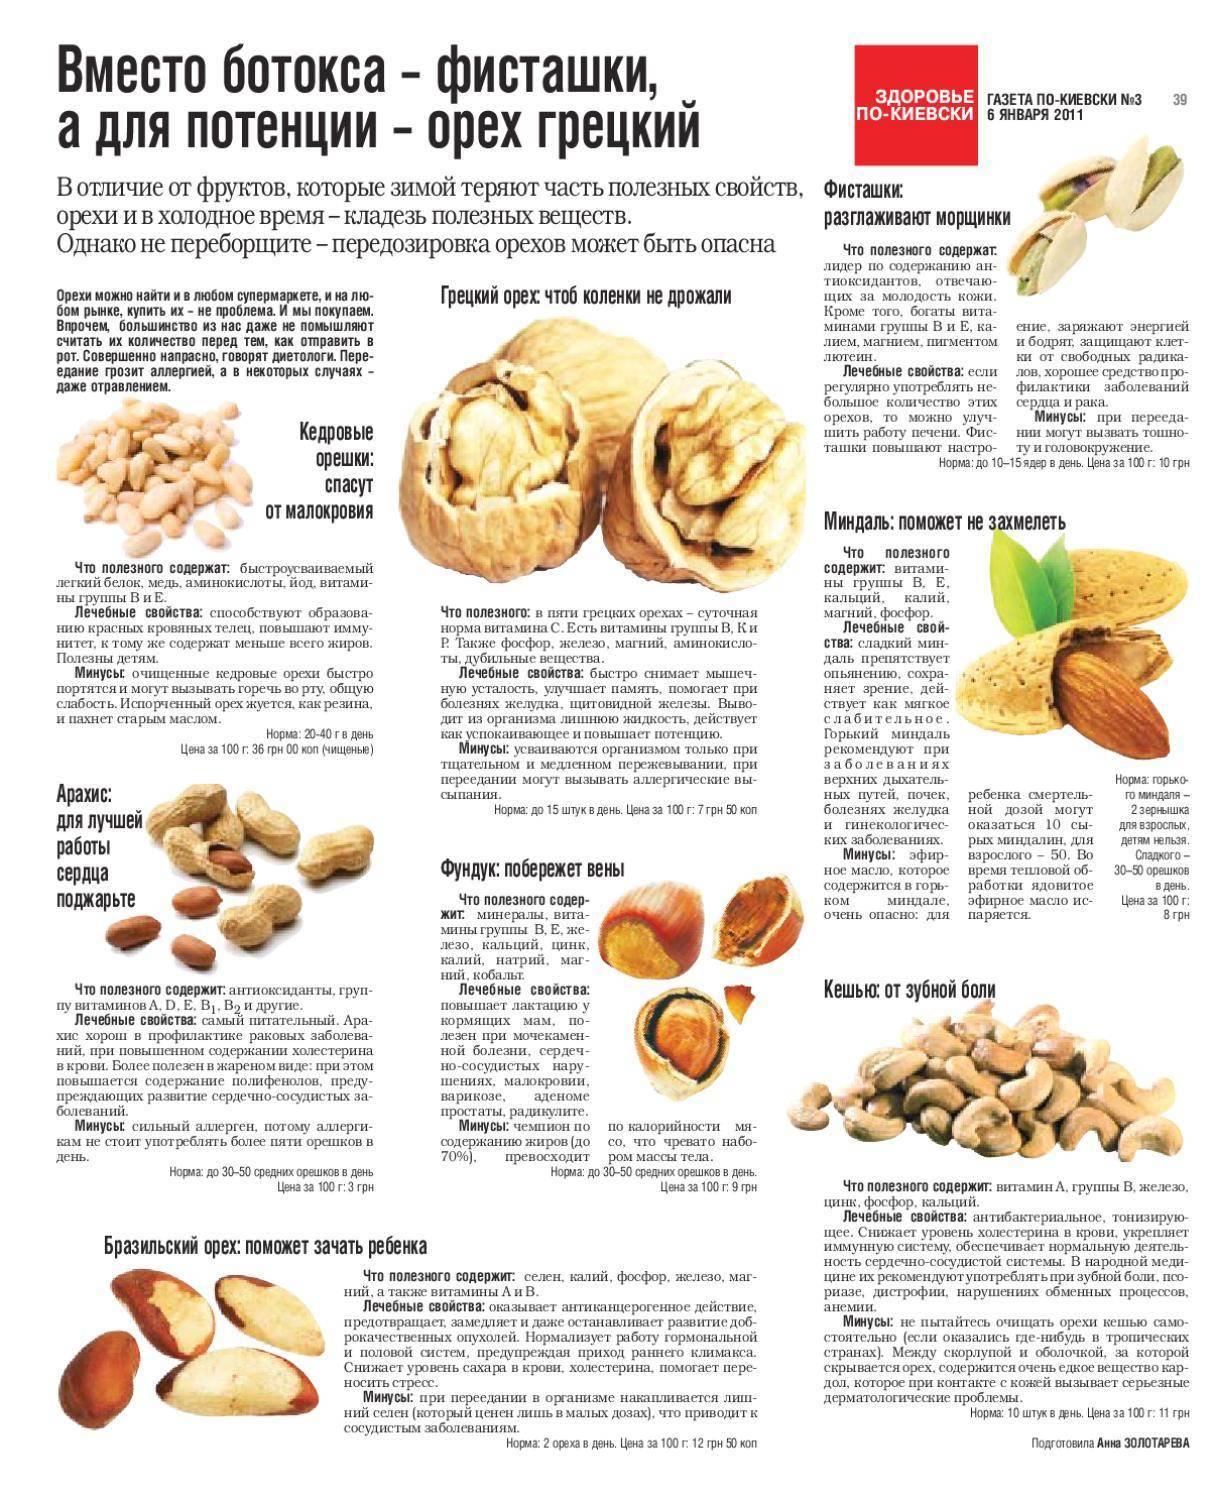 Сколько грецких орехов можно есть в день: суточная норма сколько грецких орехов можно есть в день: суточная норма